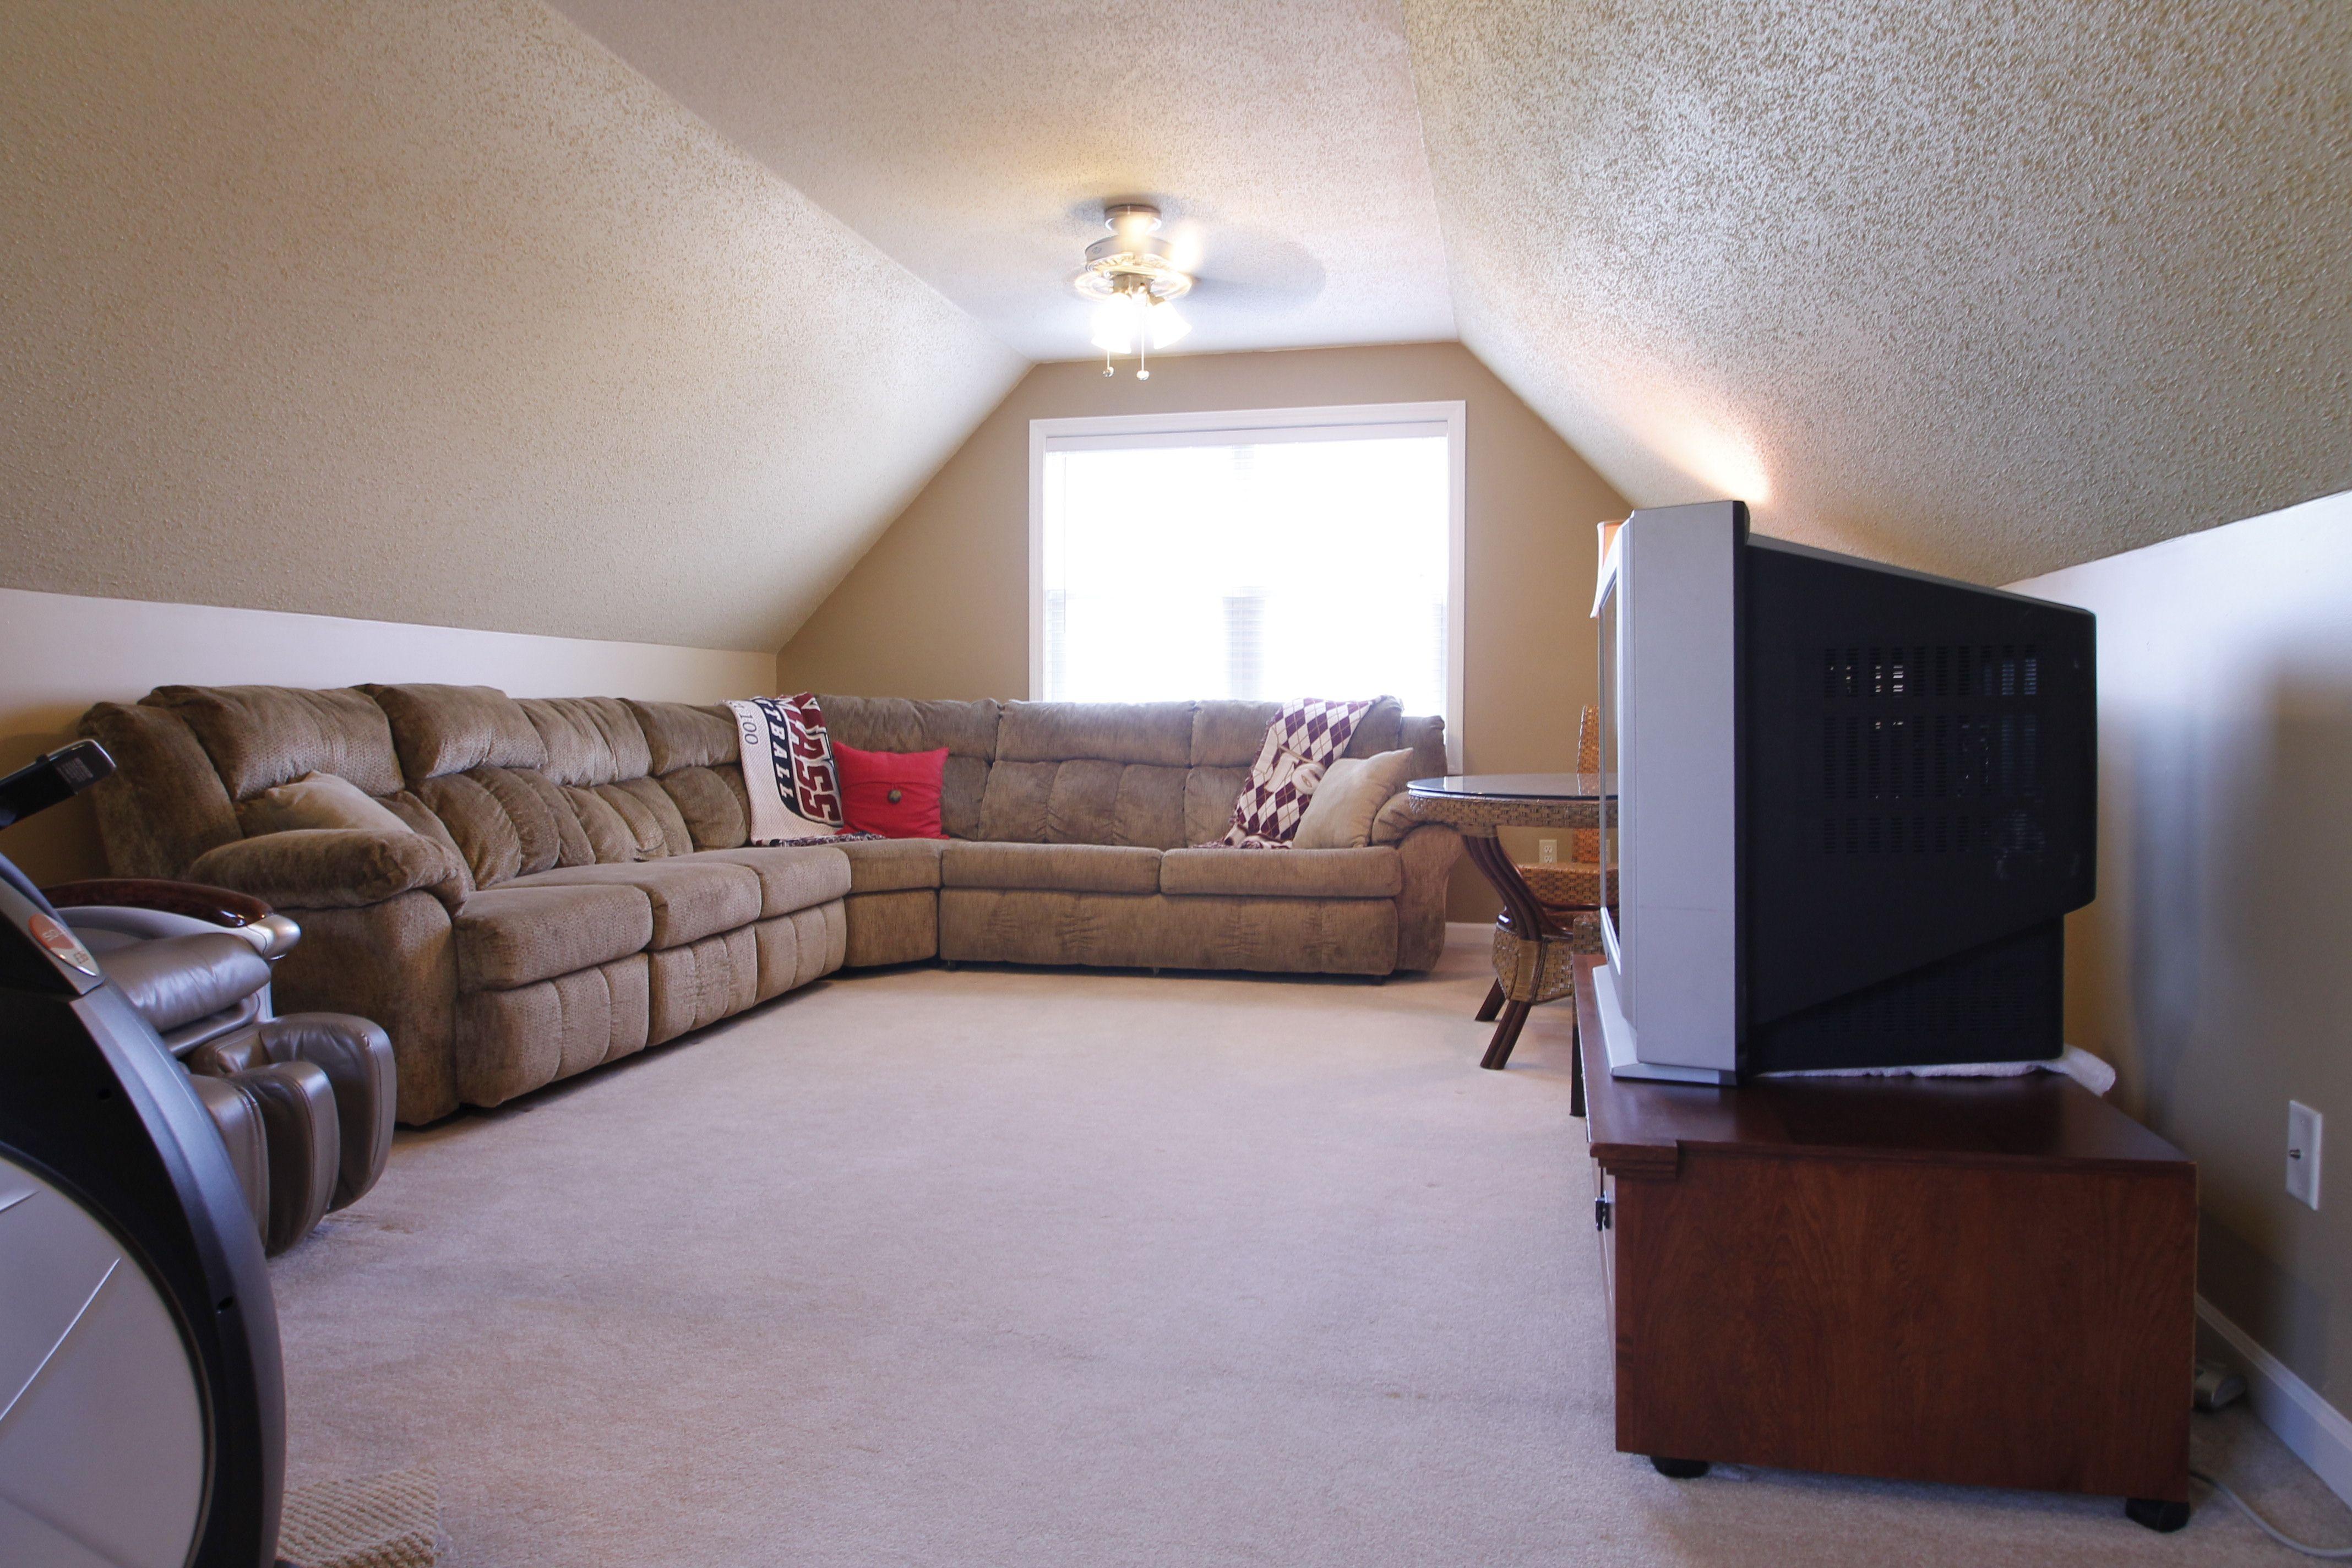 Bonus room above garage apartment pinterest bonus for Bonus room over garage